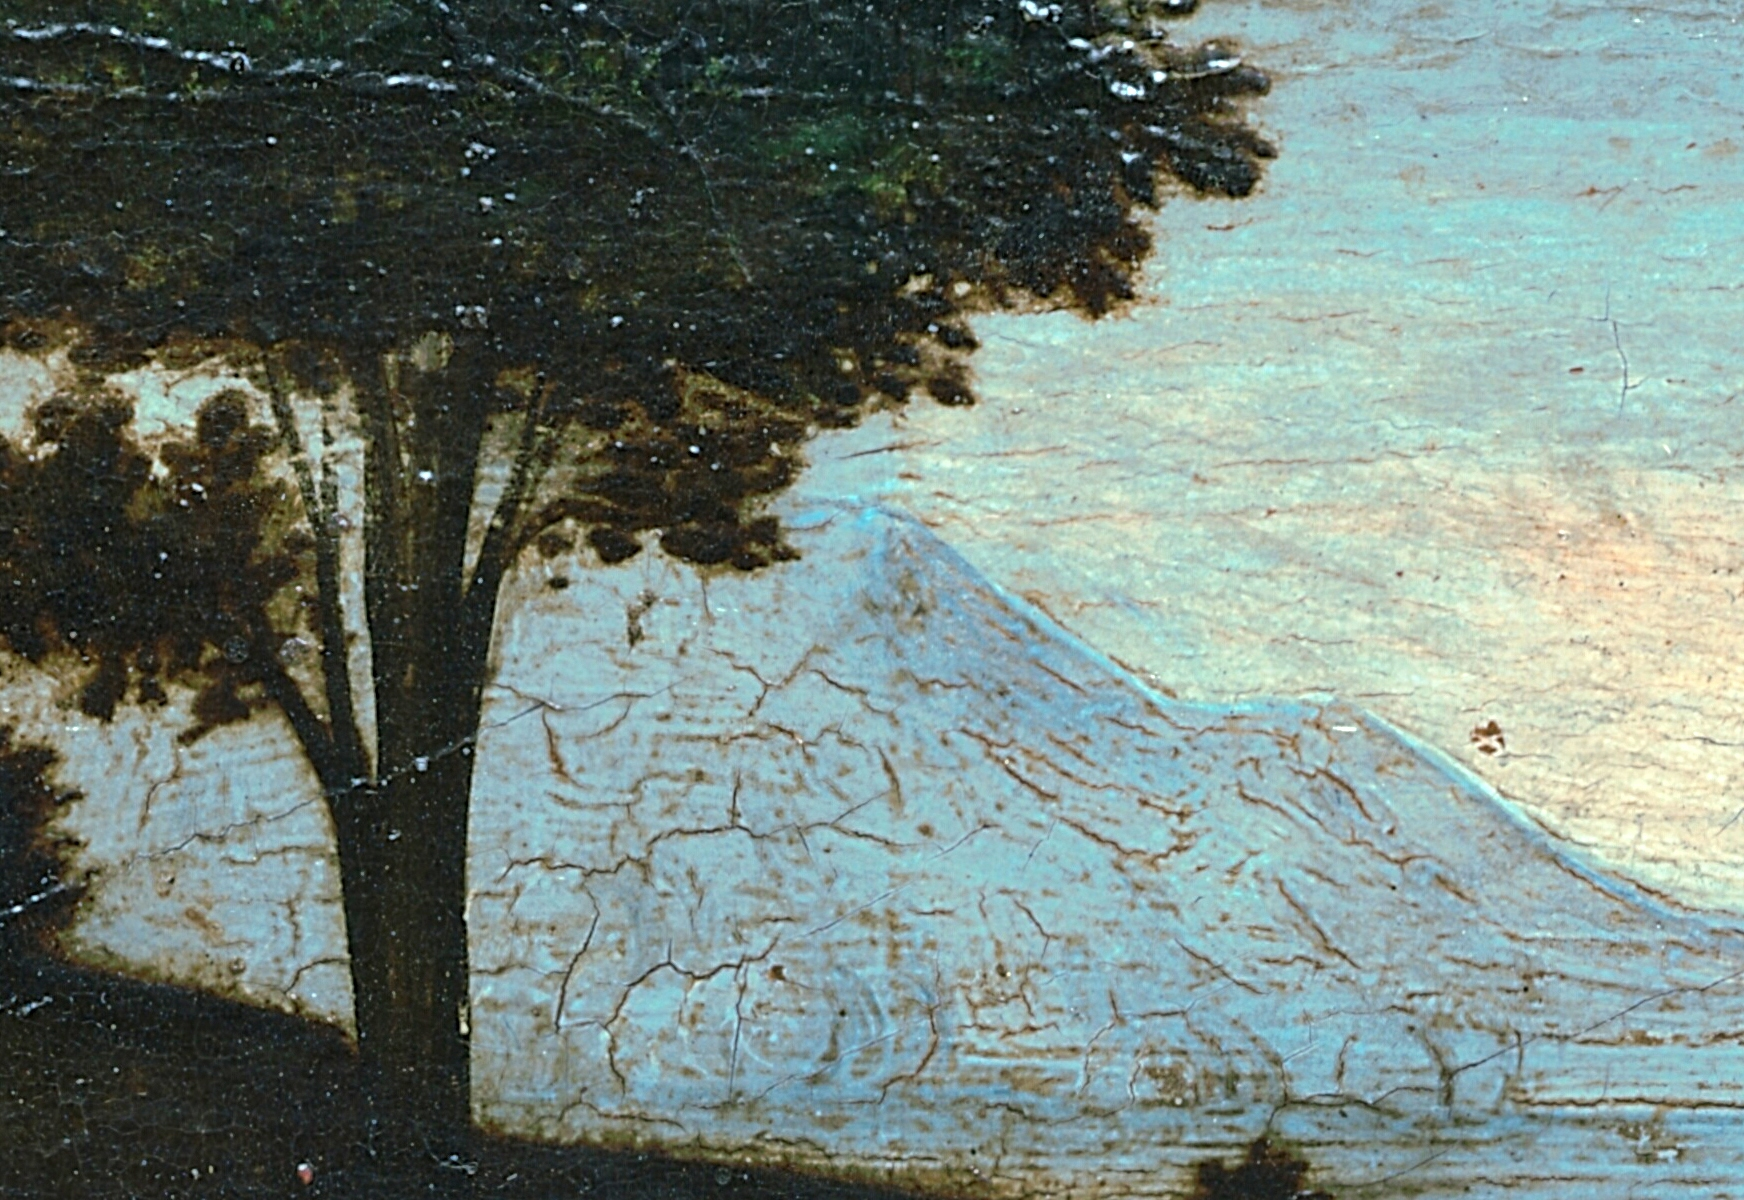 Leonard de Vinci - Paesaggi dell'Anima - Gallerie da Vinci